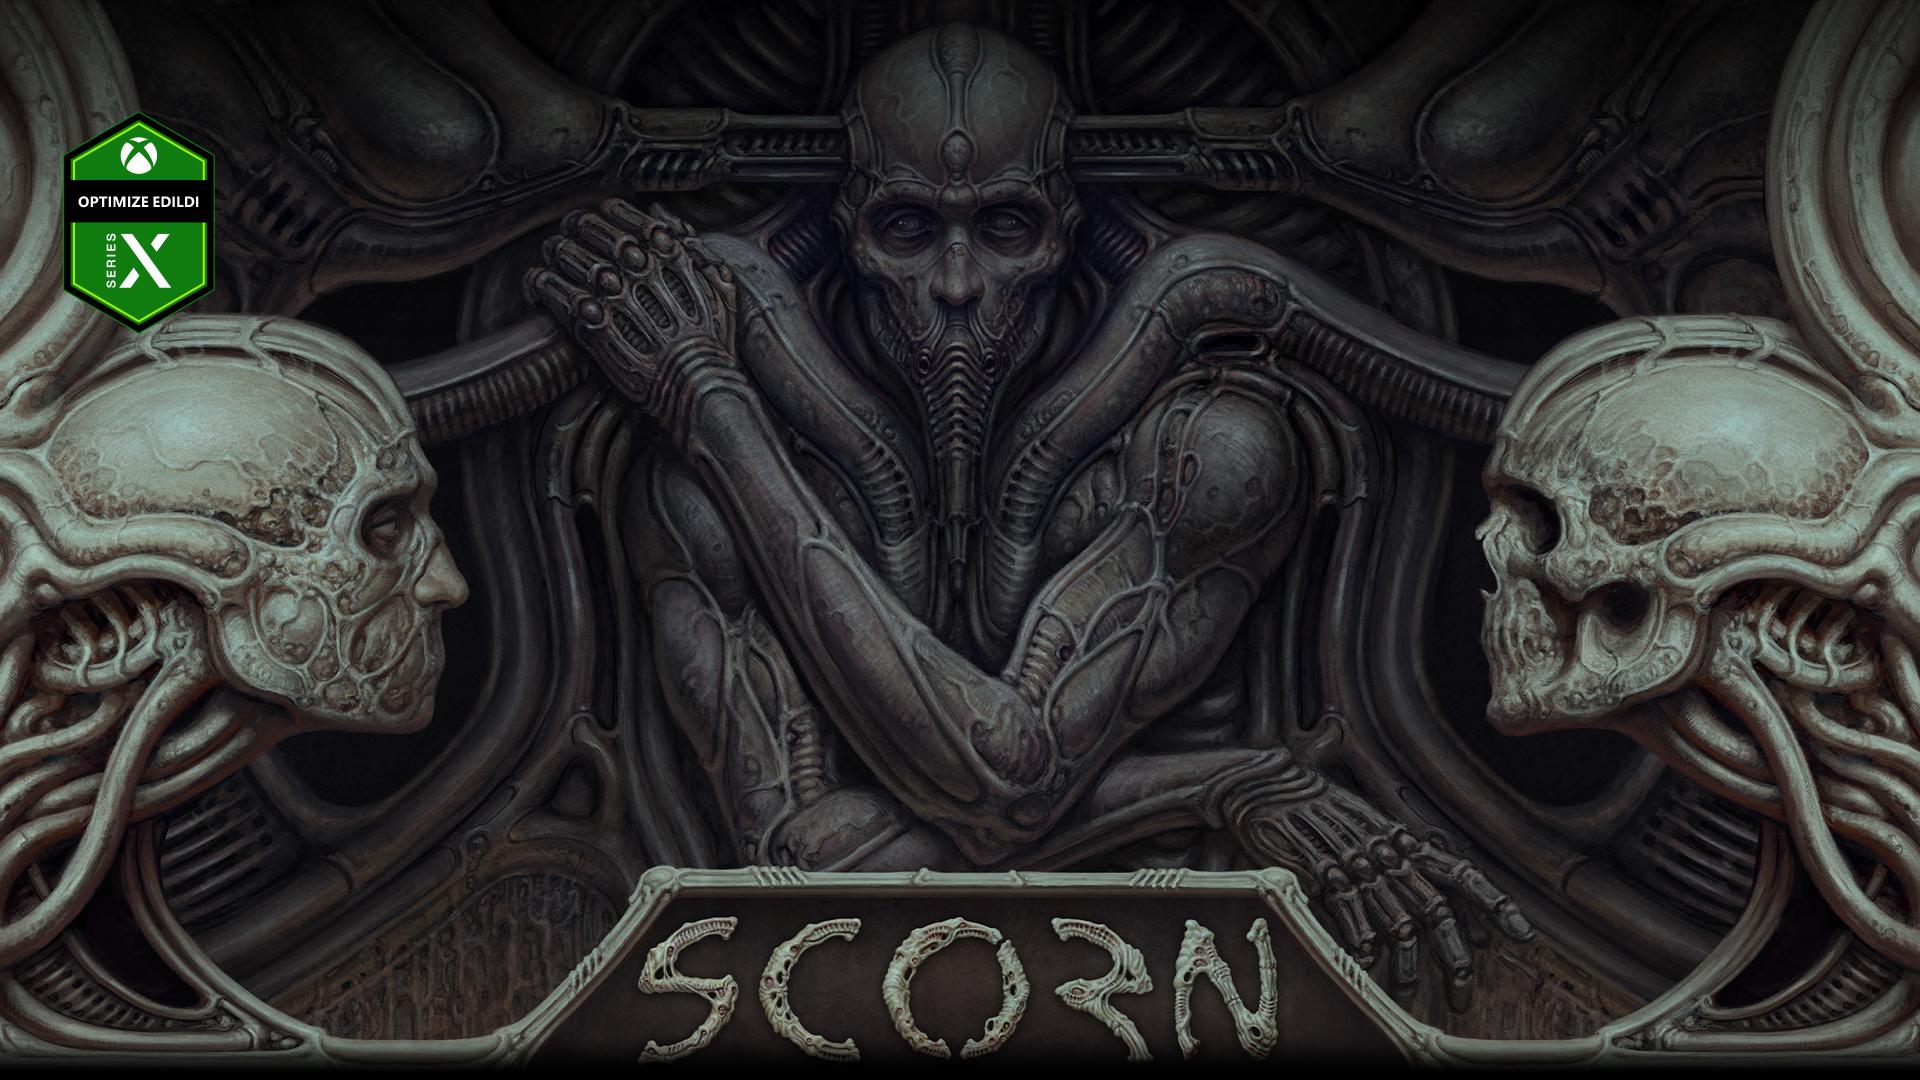 Scorn'dan karakter, iki kafatasıyla birlikte duvara gömülmüş.